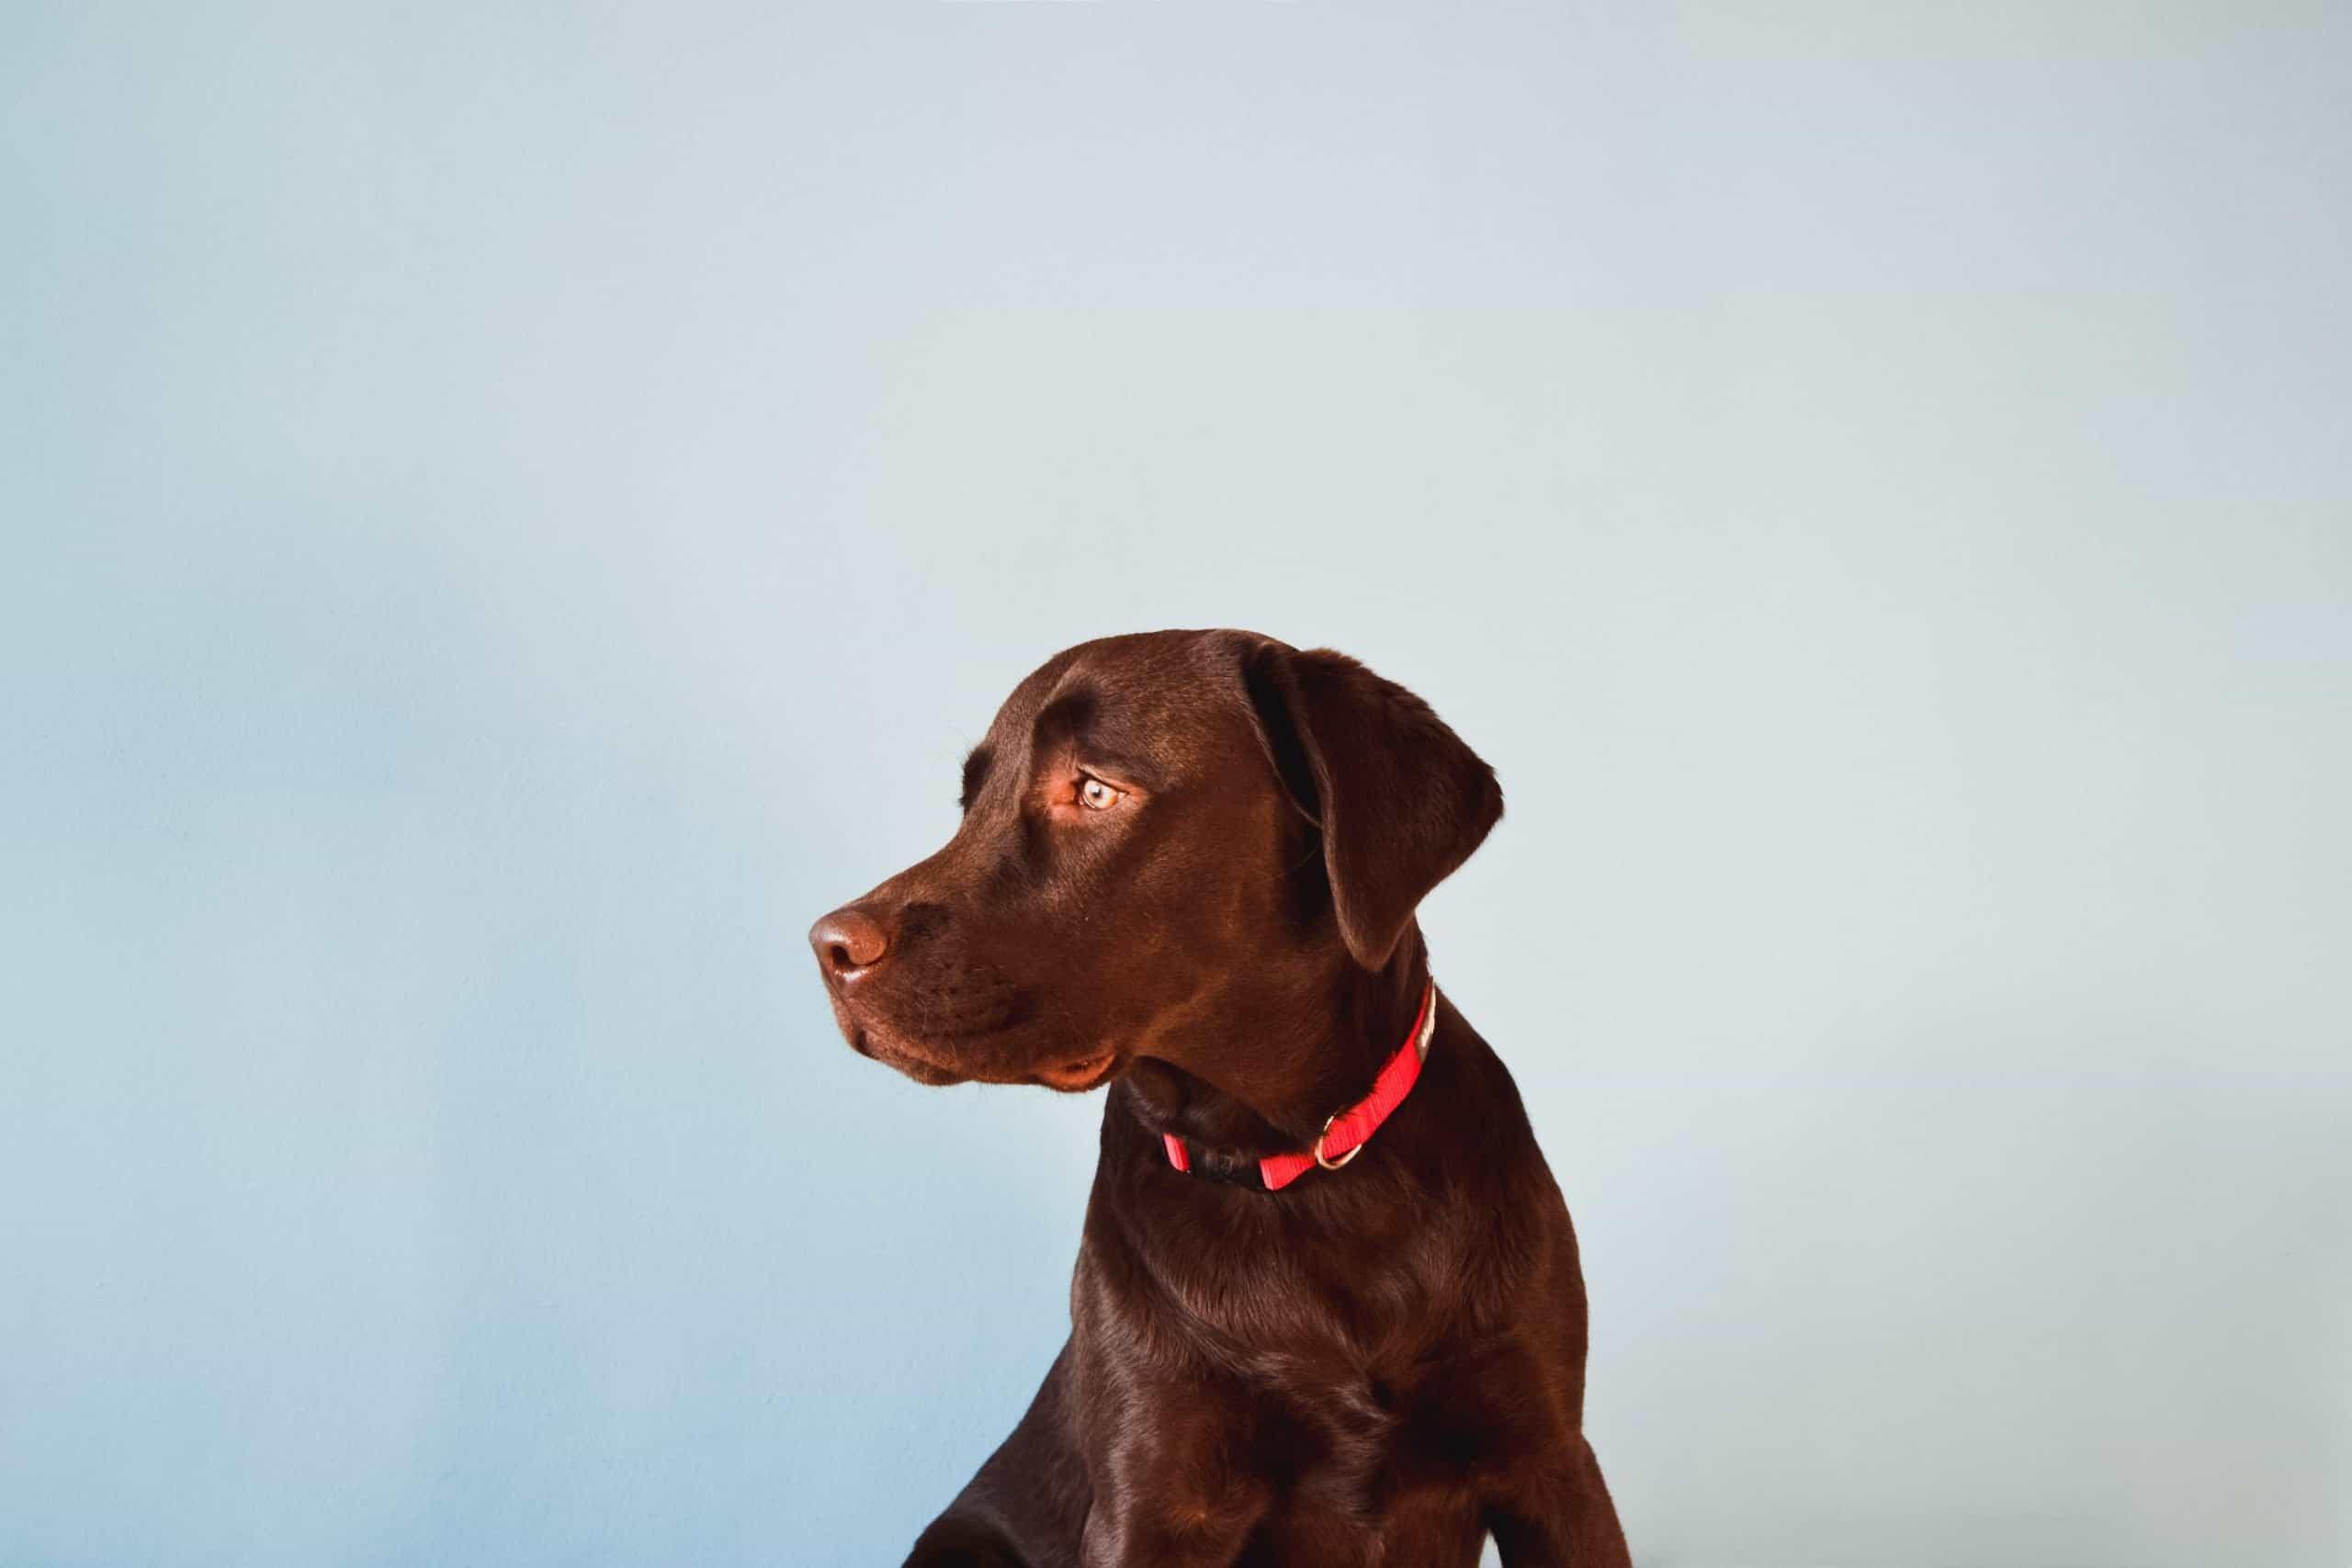 Female, chocolate Labrador Retriever.